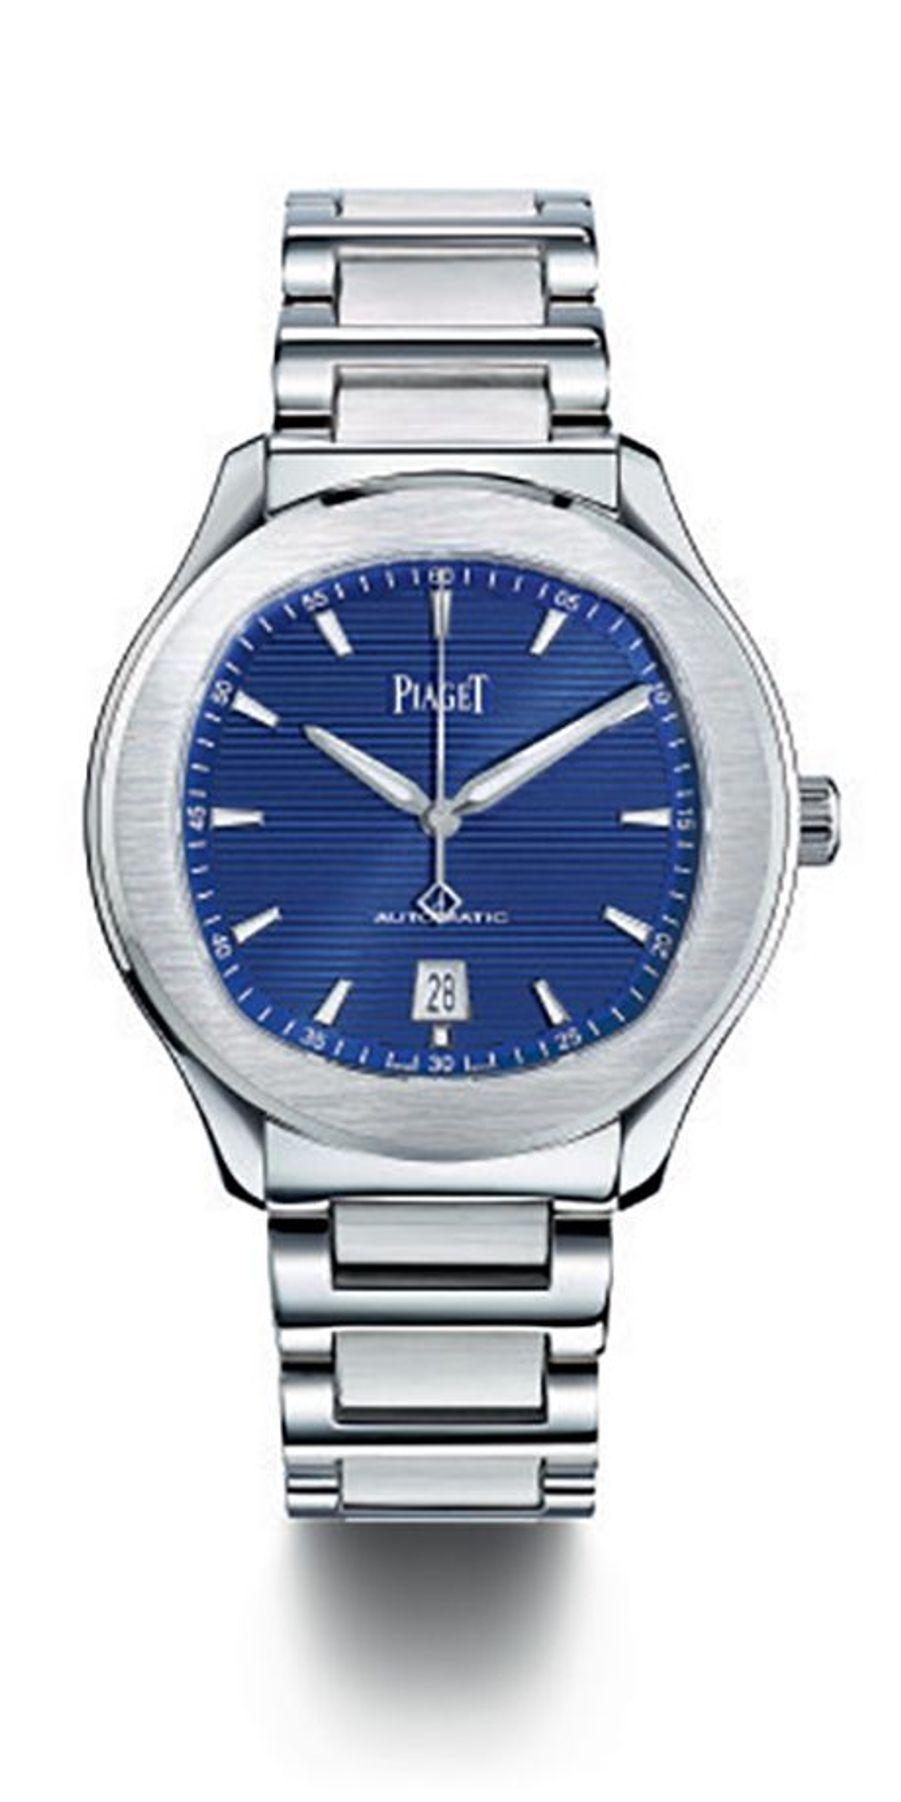 Polo S en acier, mouvement automatique avec affichage de la date, 10 900 €. Piaget.